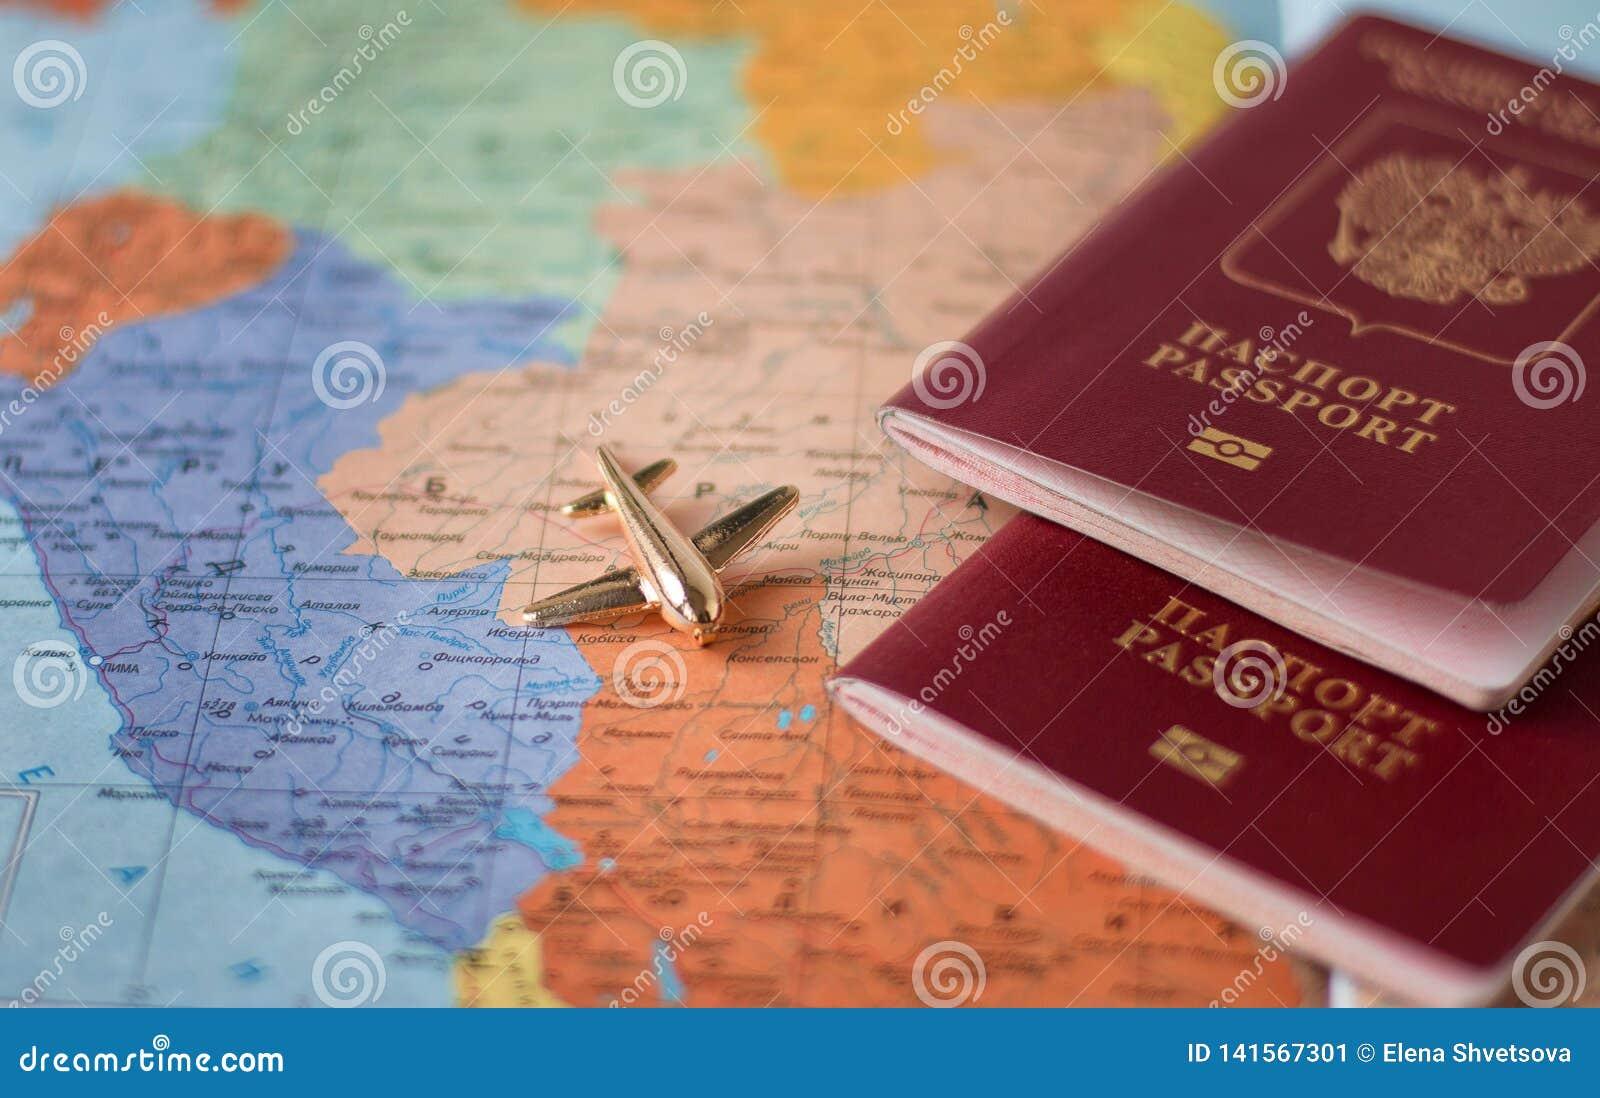 Reis en toerisme het concept met paspoort reist documenten, vliegtuig op de achtergrond van de wereldkaart